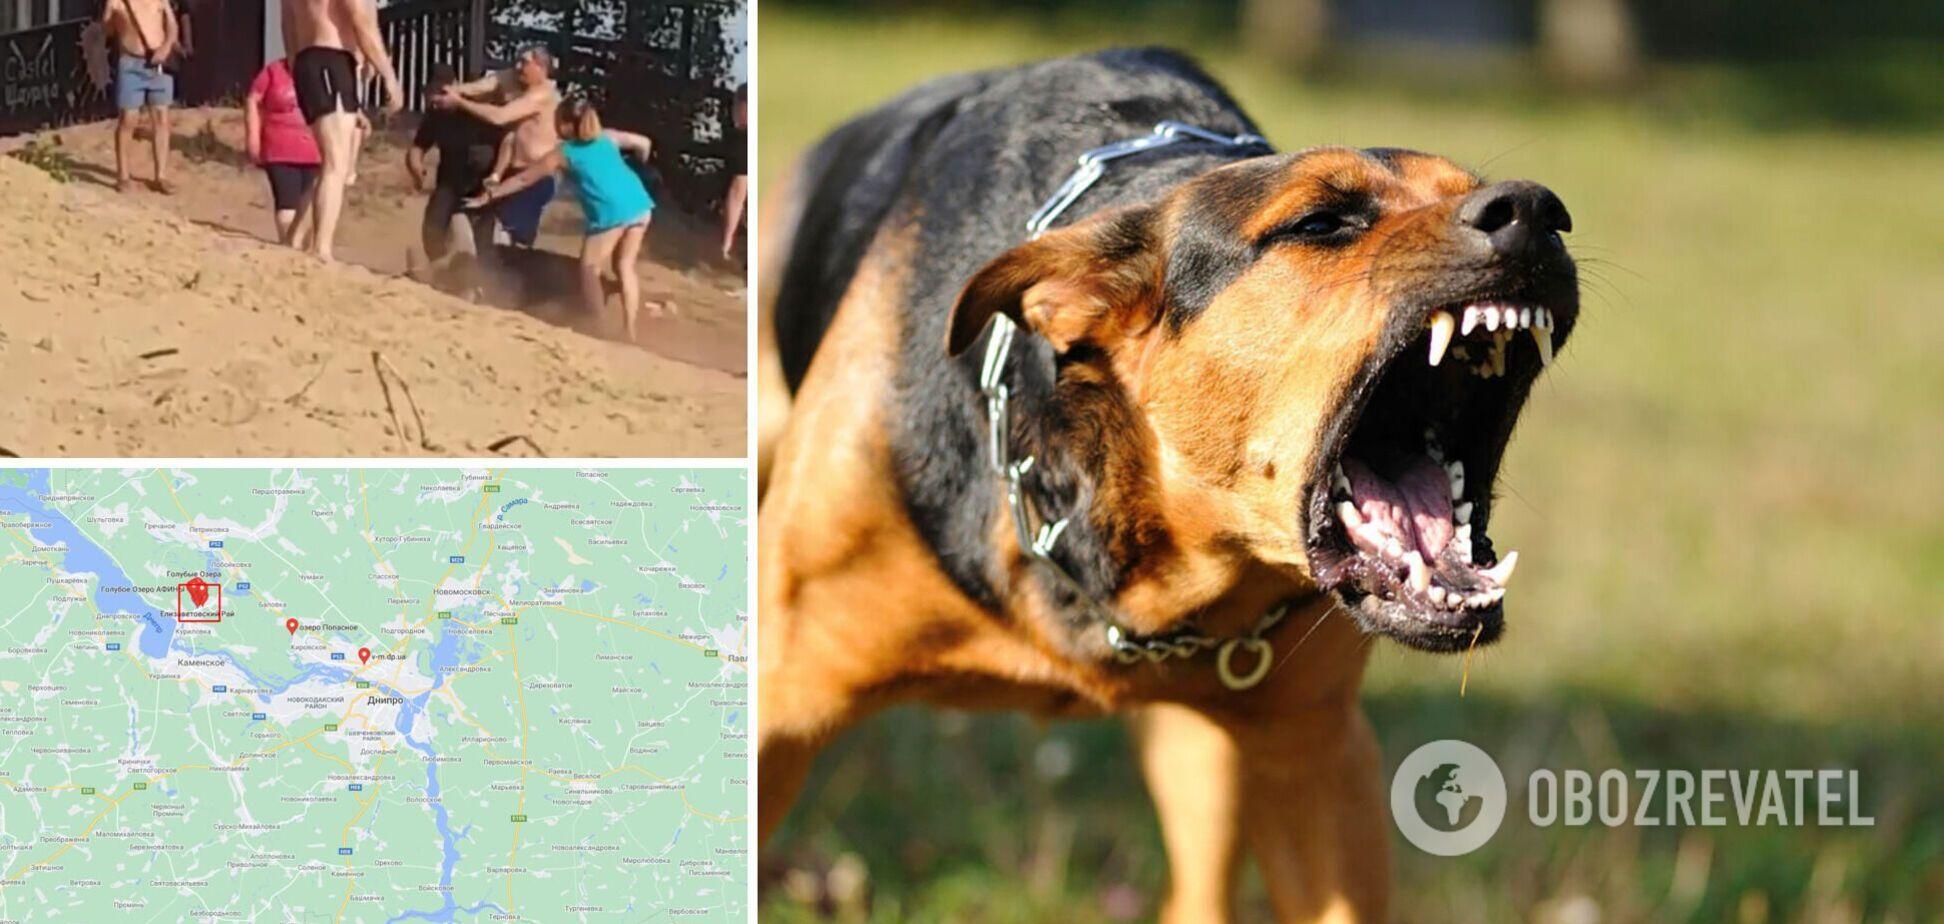 Под Днепром на пляже охранник спустил собаку на отдыхающего. Видео 18+